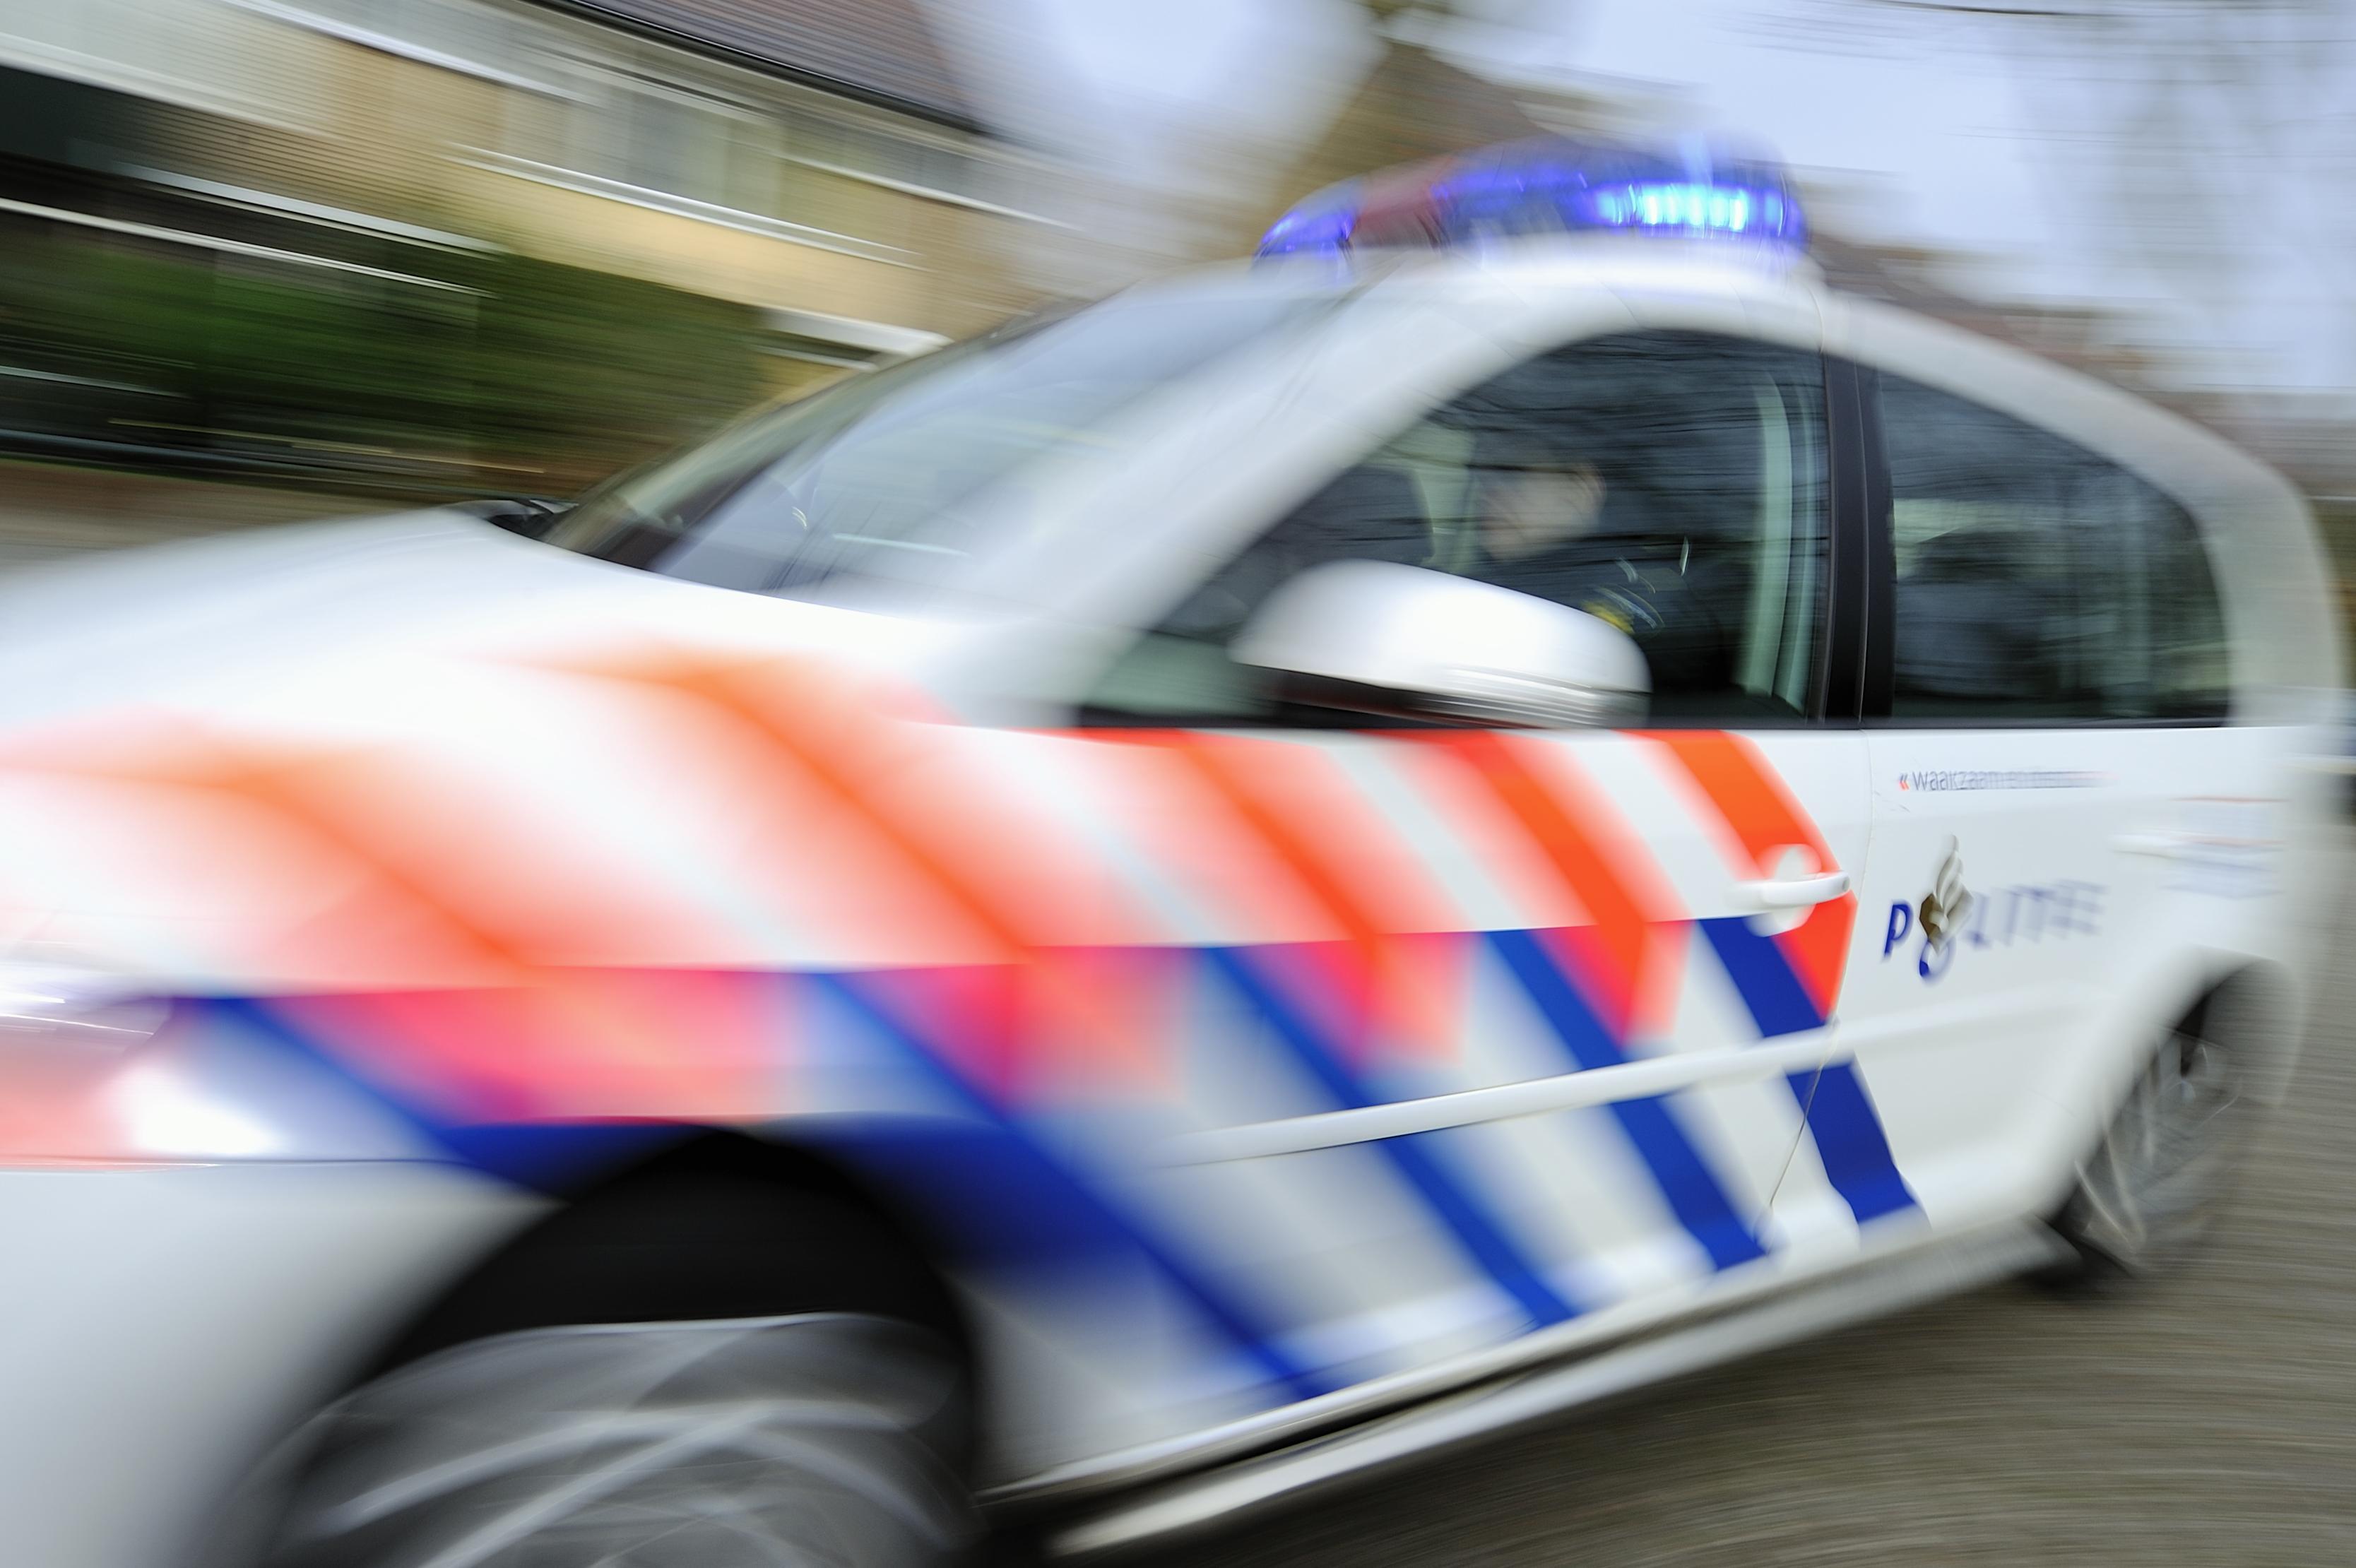 Man uit Lisse denkt een date te hebben in Soest. In plaats daarvan wordt hij opgewacht door drie berovers